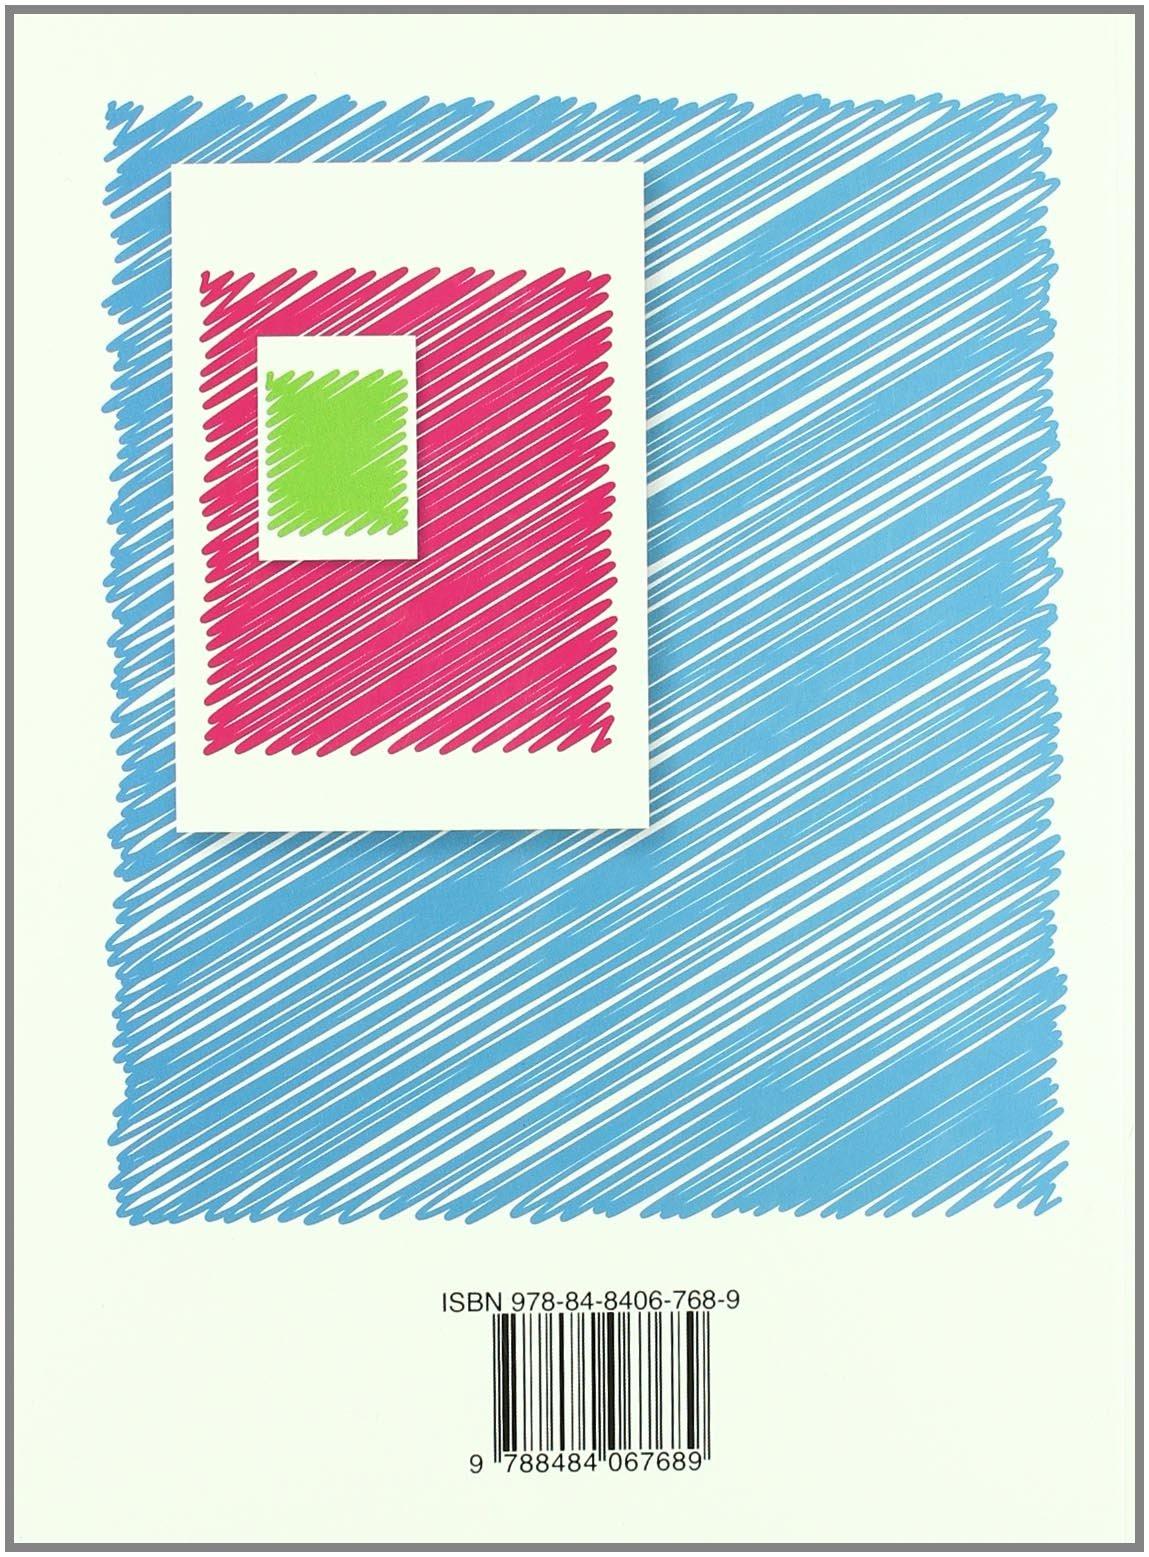 Los secretos del protocolo, las relaciones públicas y la publicidad Monografía: Amazon.es: José Daniel Barquero, Fernando Fenández, Lex Nova: Libros